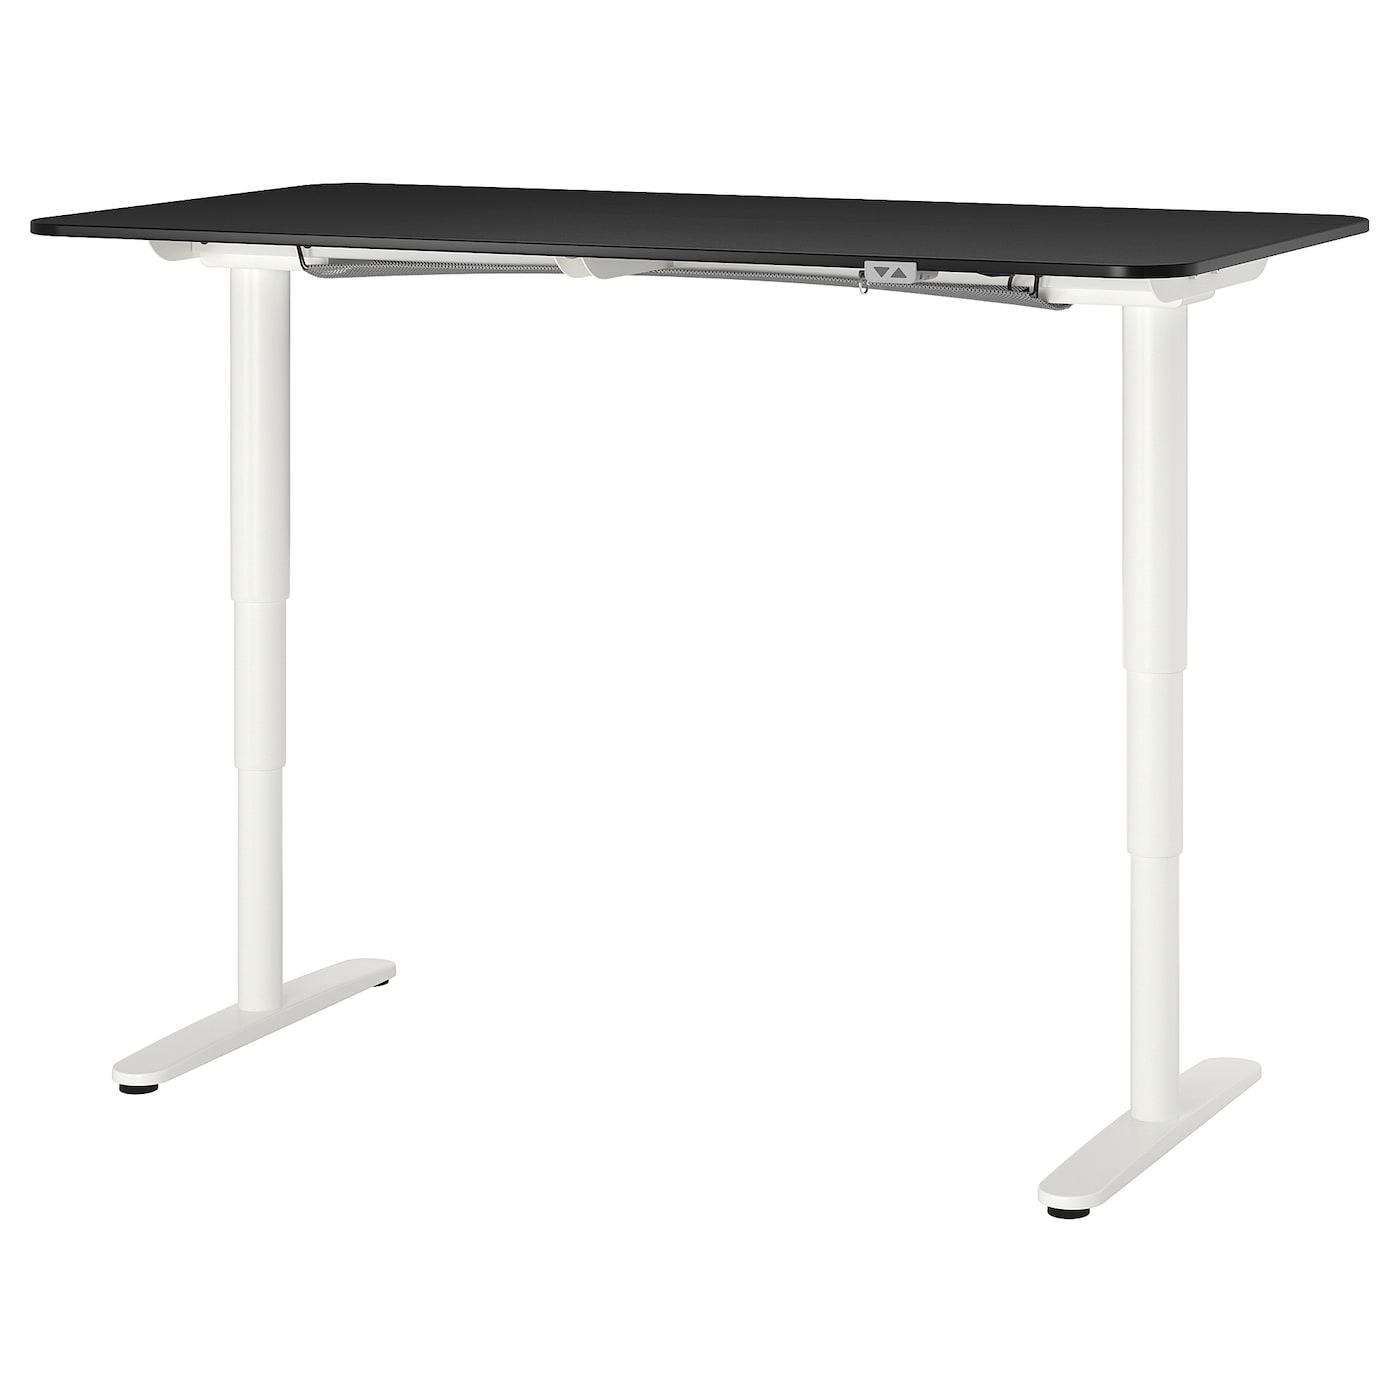 IKEA BEKANT Biurko z regulacją wysokości, okl jesionowa bejcowana na czarno, biały, 160x80 cm